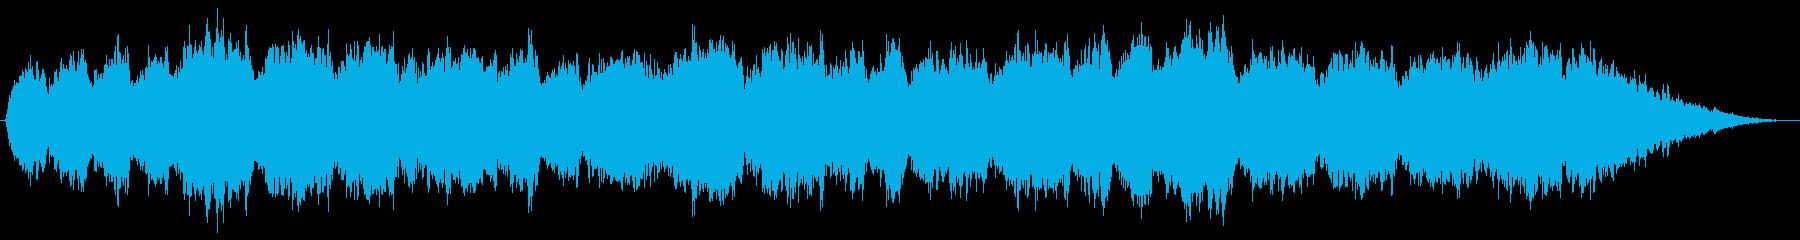 室内楽 感情的 バラード 弦楽器の再生済みの波形